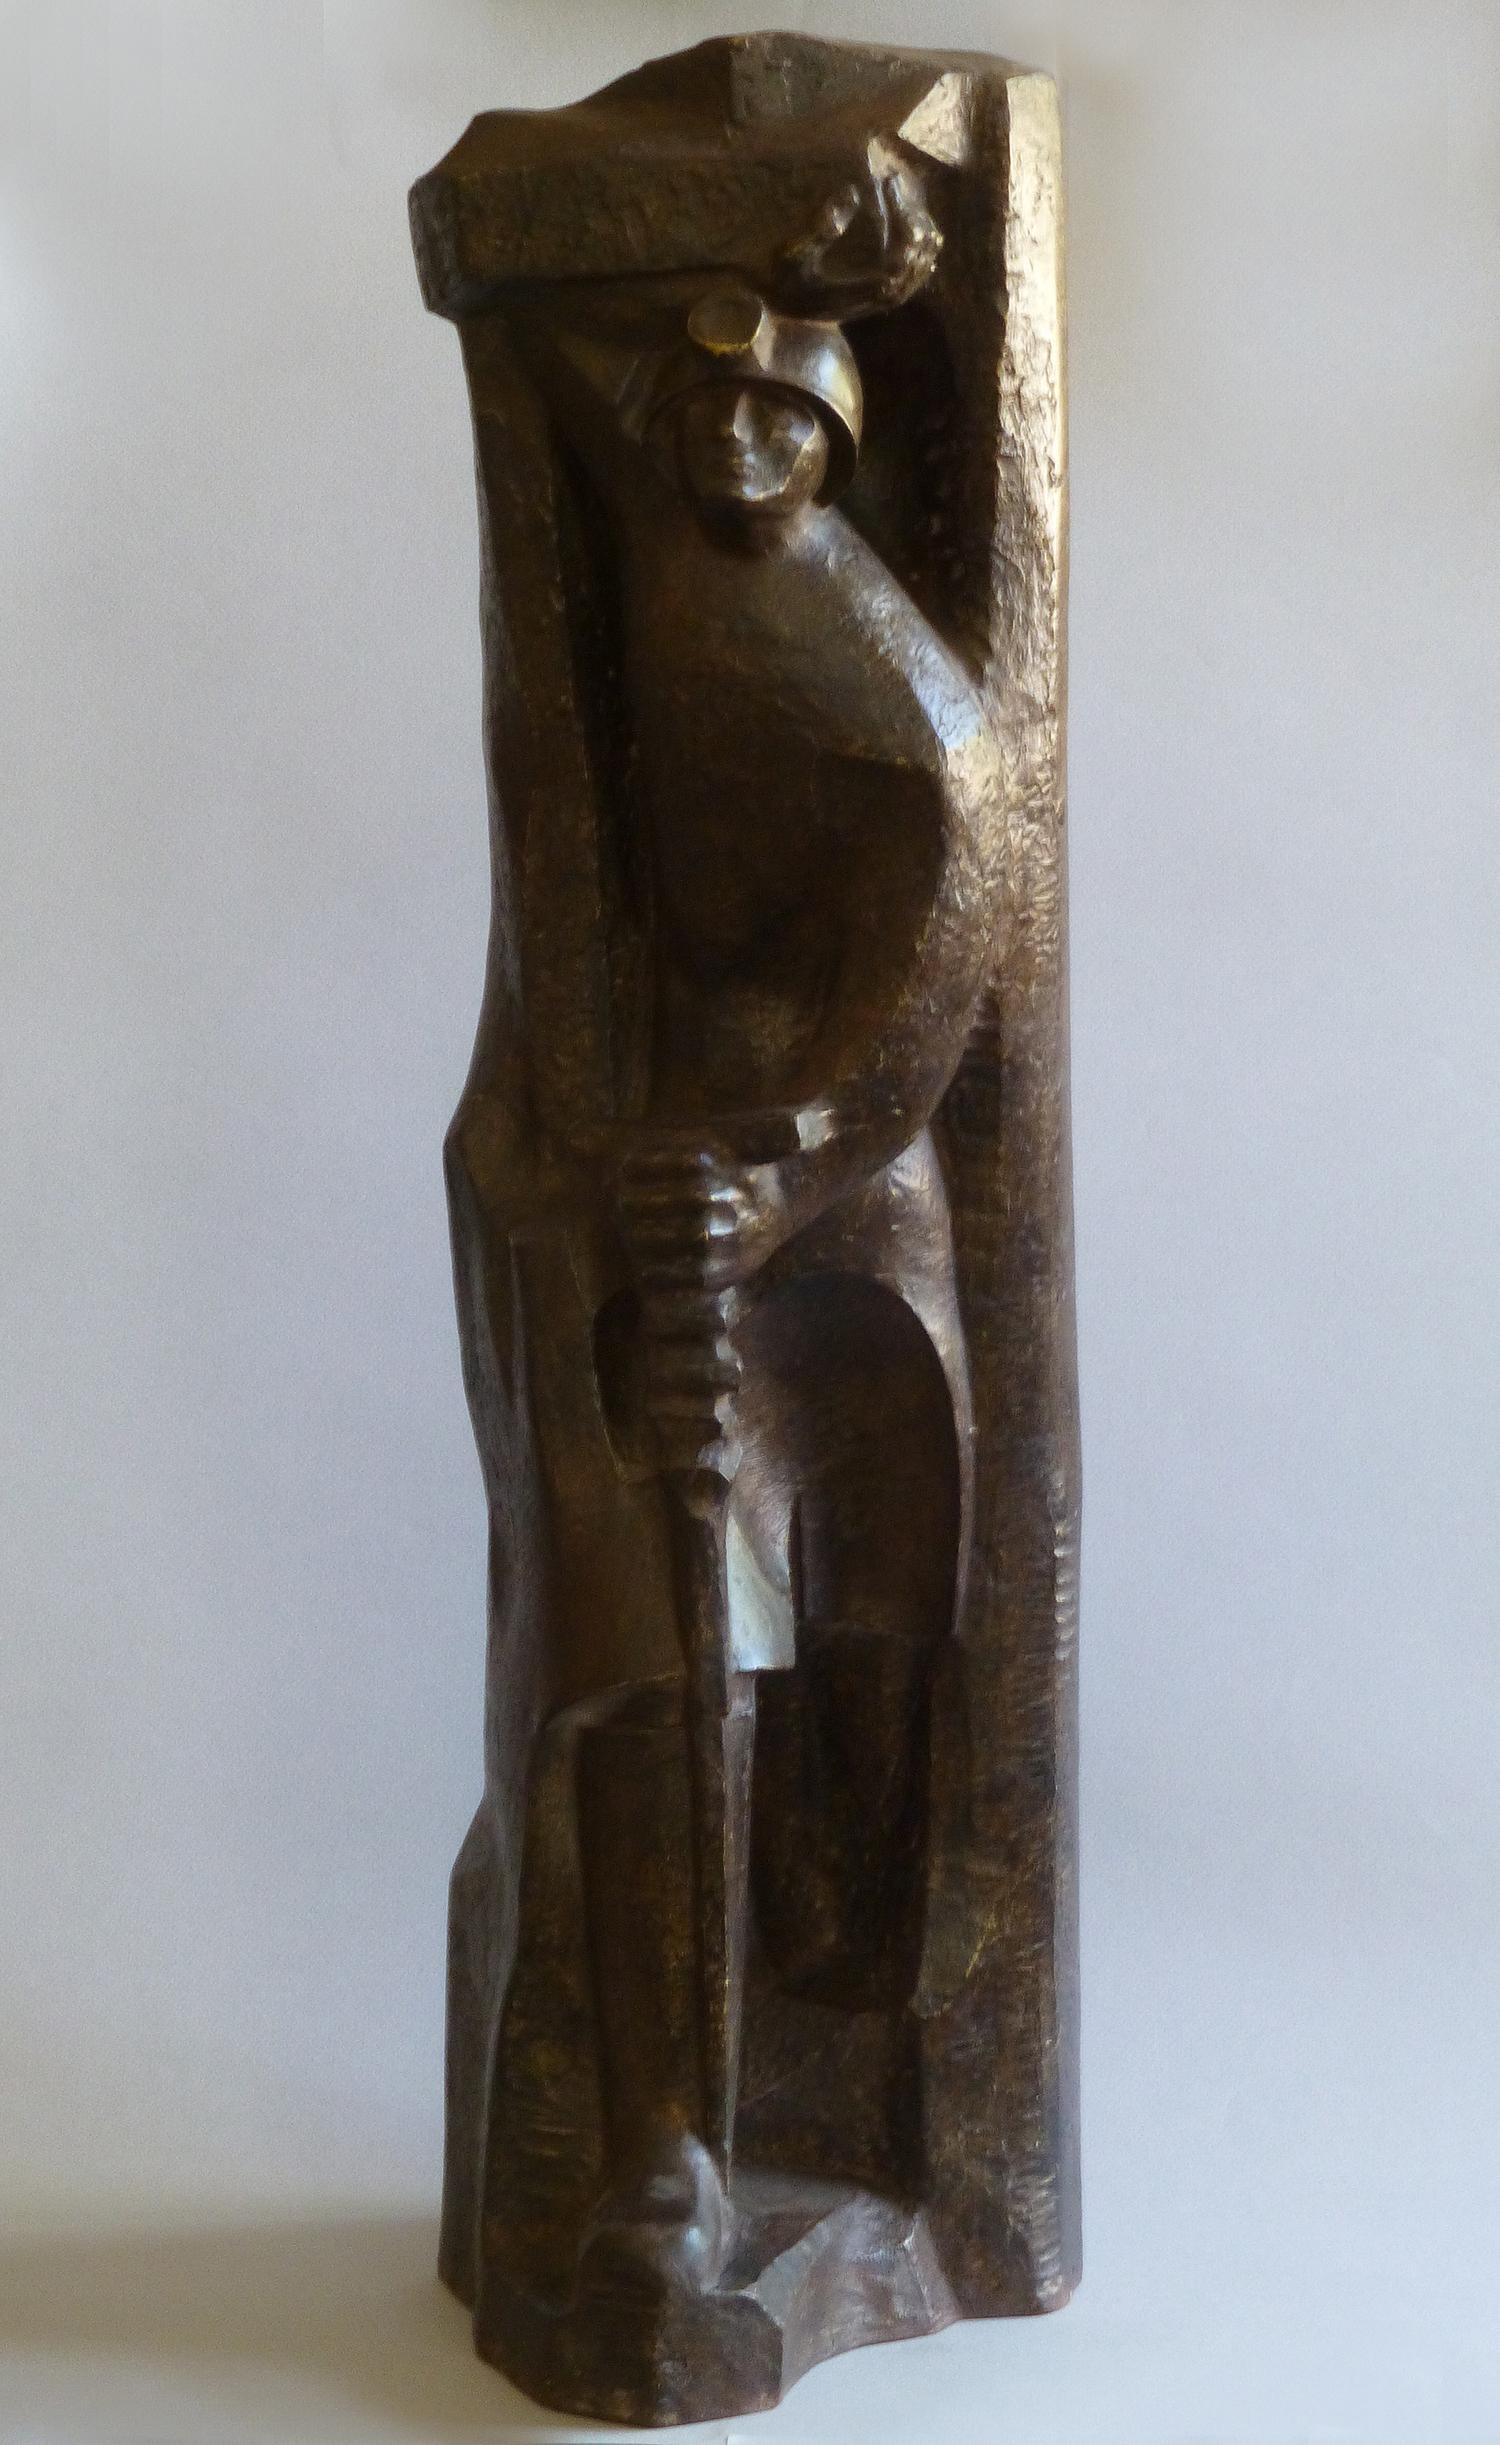 1974.4. Figura del Minero, resina con patina de bronce, 72x20x22 cms. Boceto de la figura Monumental del Monumento al Minero en Guardo, Palencia. 1974